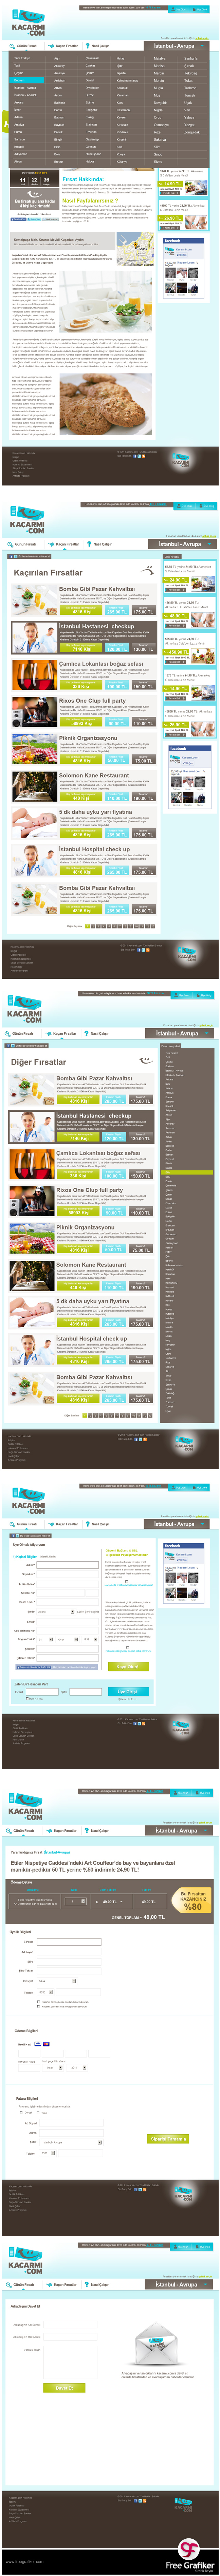 kacarmi-com-firsat-sitesi-alt-sayfa-tasarimlari